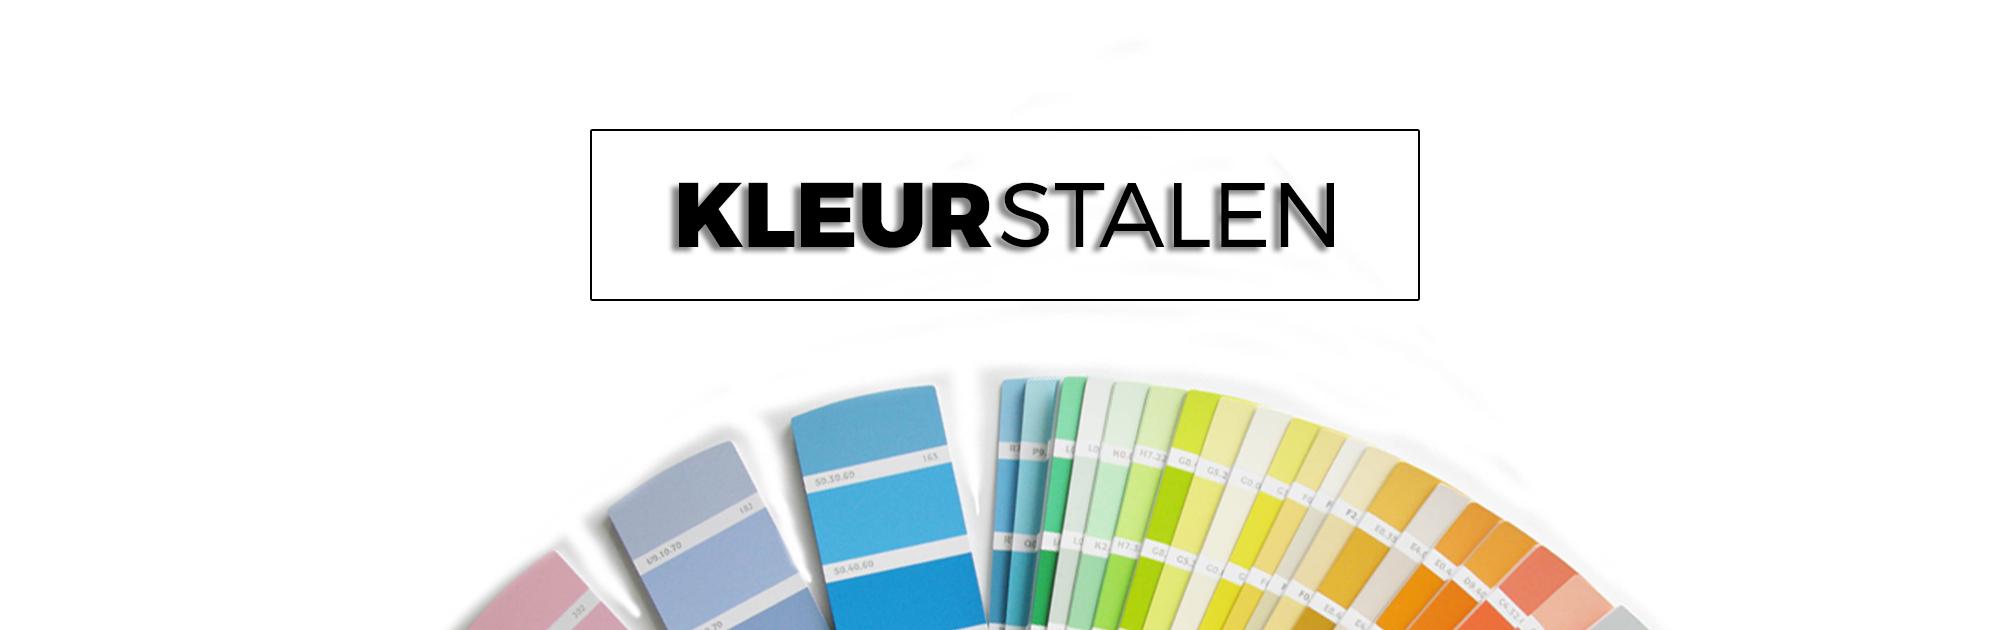 Le-magasin-de-peinture-en-vente-en-ligne-le-moins-cher-de-Bruxelles.jpg